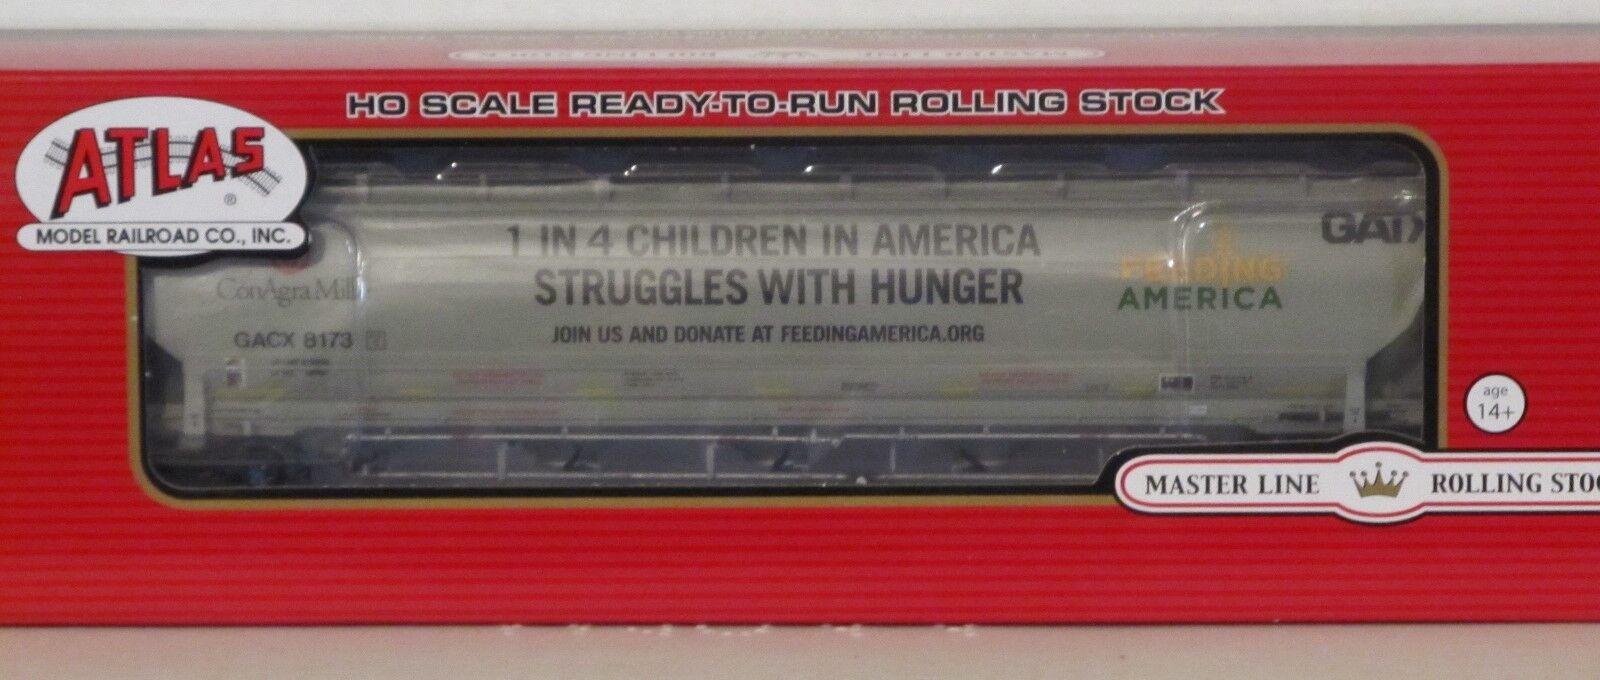 Atlas HO Scale 20004274 Conagra Feeding America Trinity Trinity Trinity Hopper Car 8175 d29a45